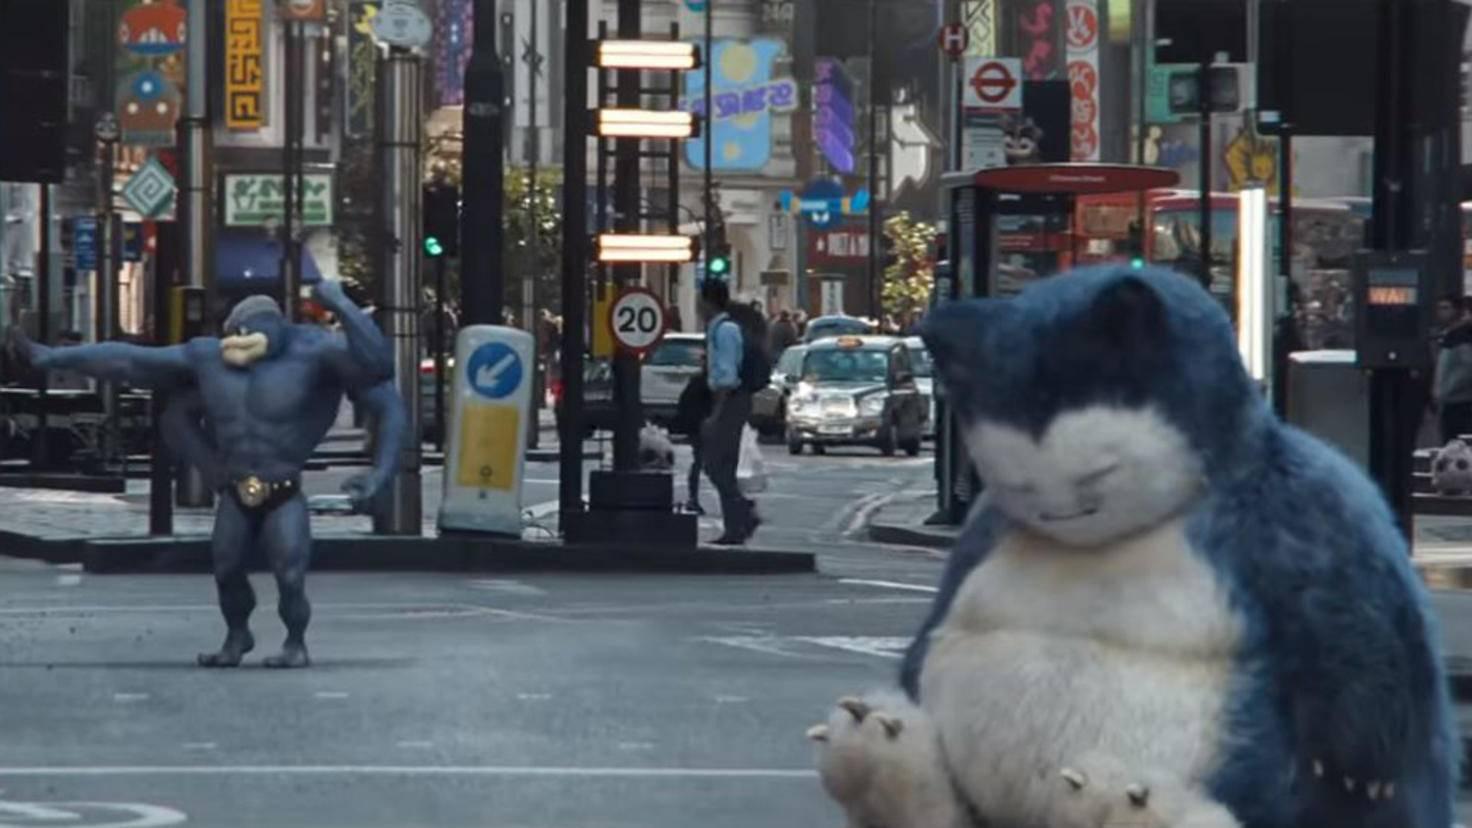 Relaxo und Machomei in Pokémon Meisterdetektiv Pikachu